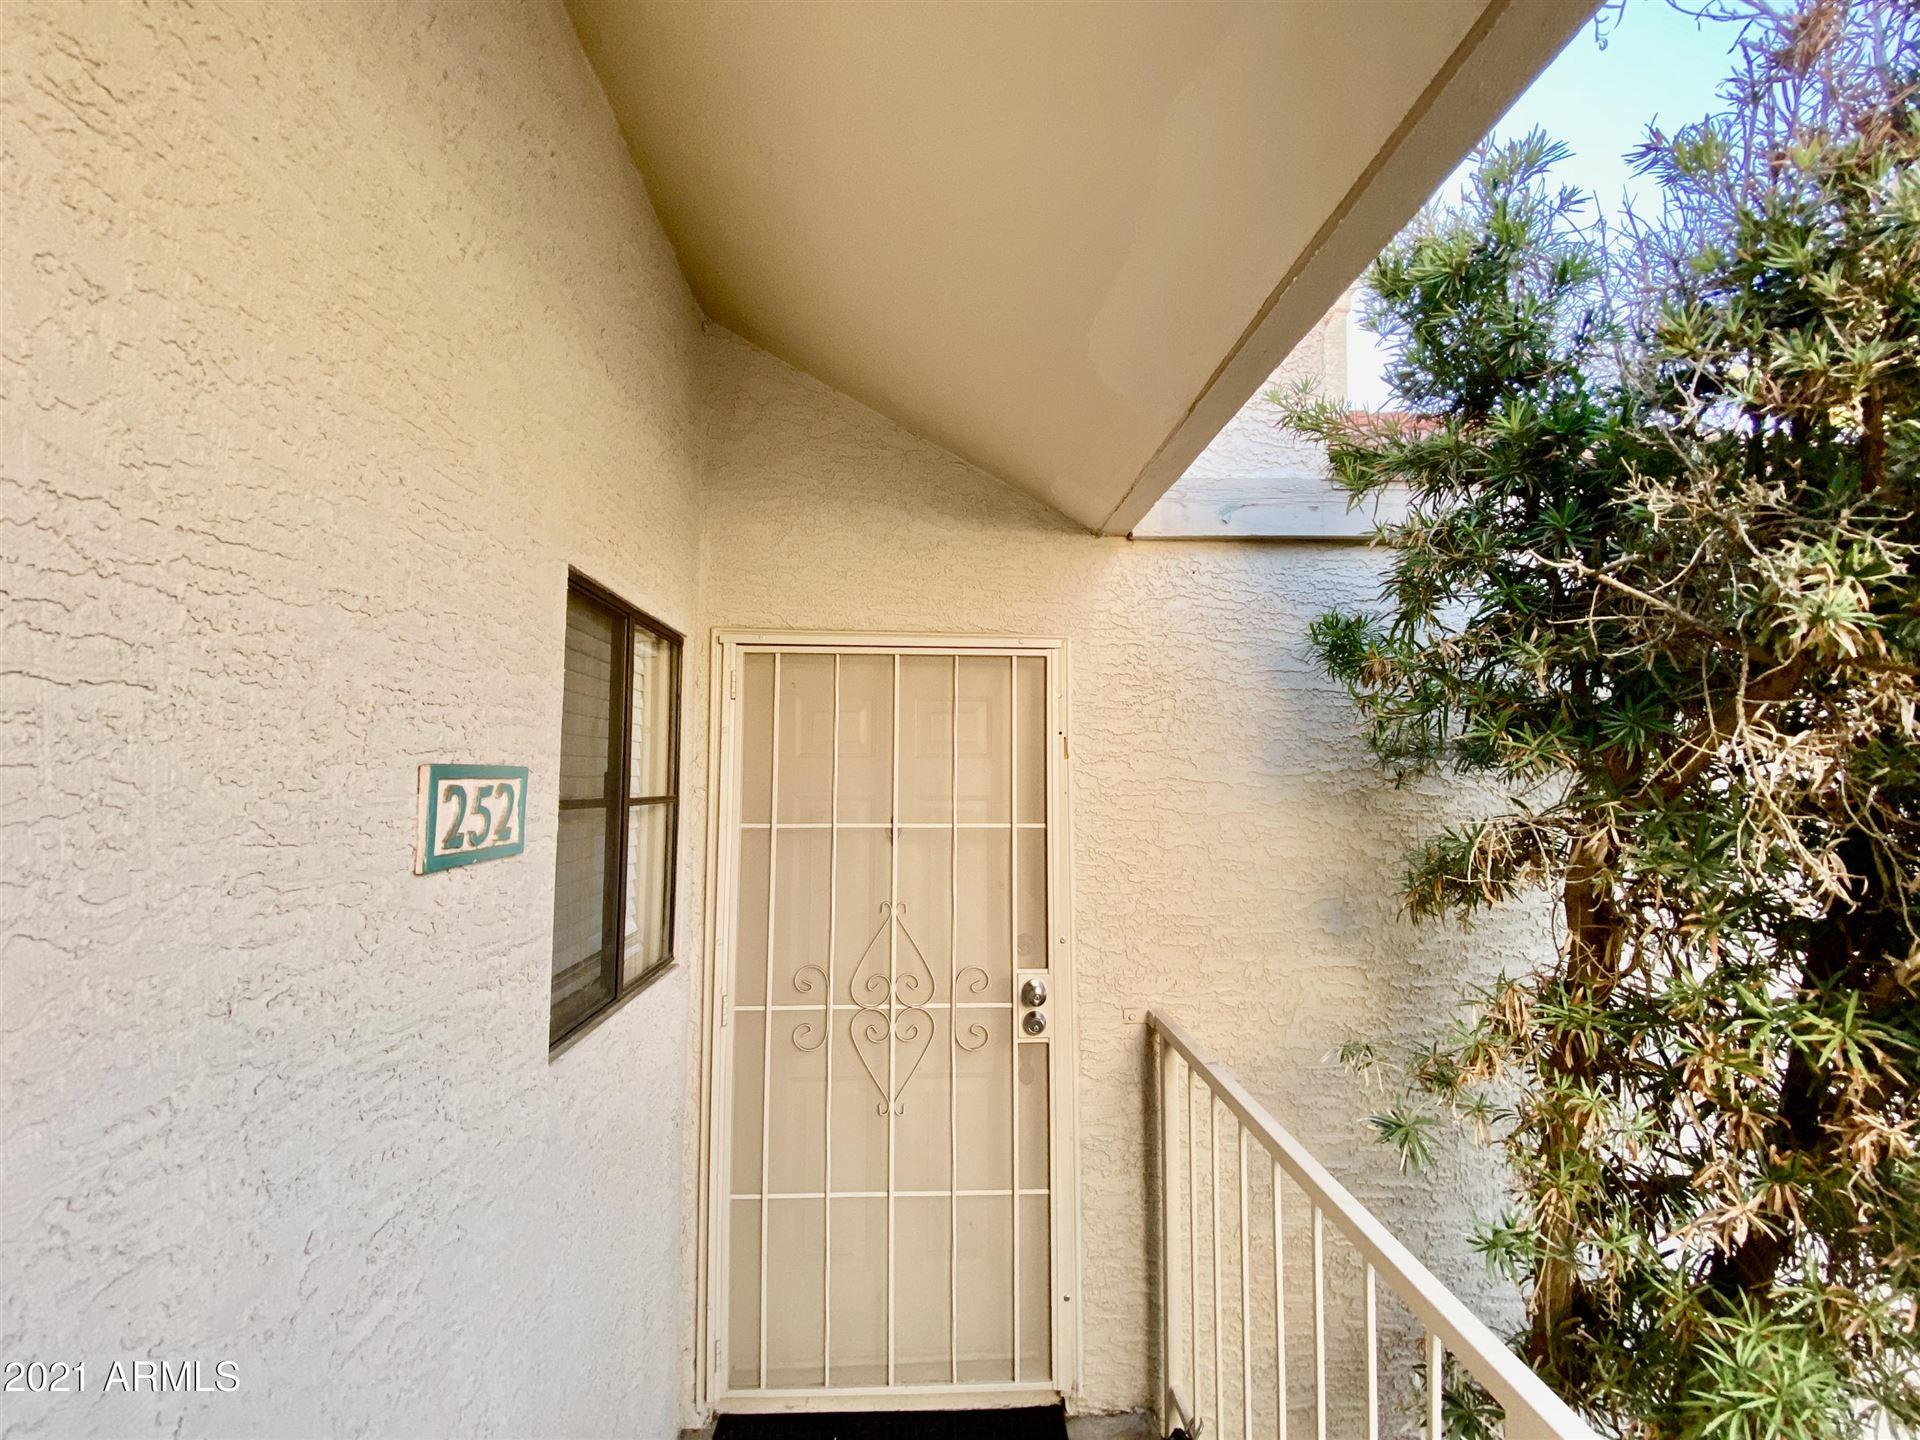 Photo of 2855 S EXTENSION Road #252, Mesa, AZ 85210 (MLS # 6201005)